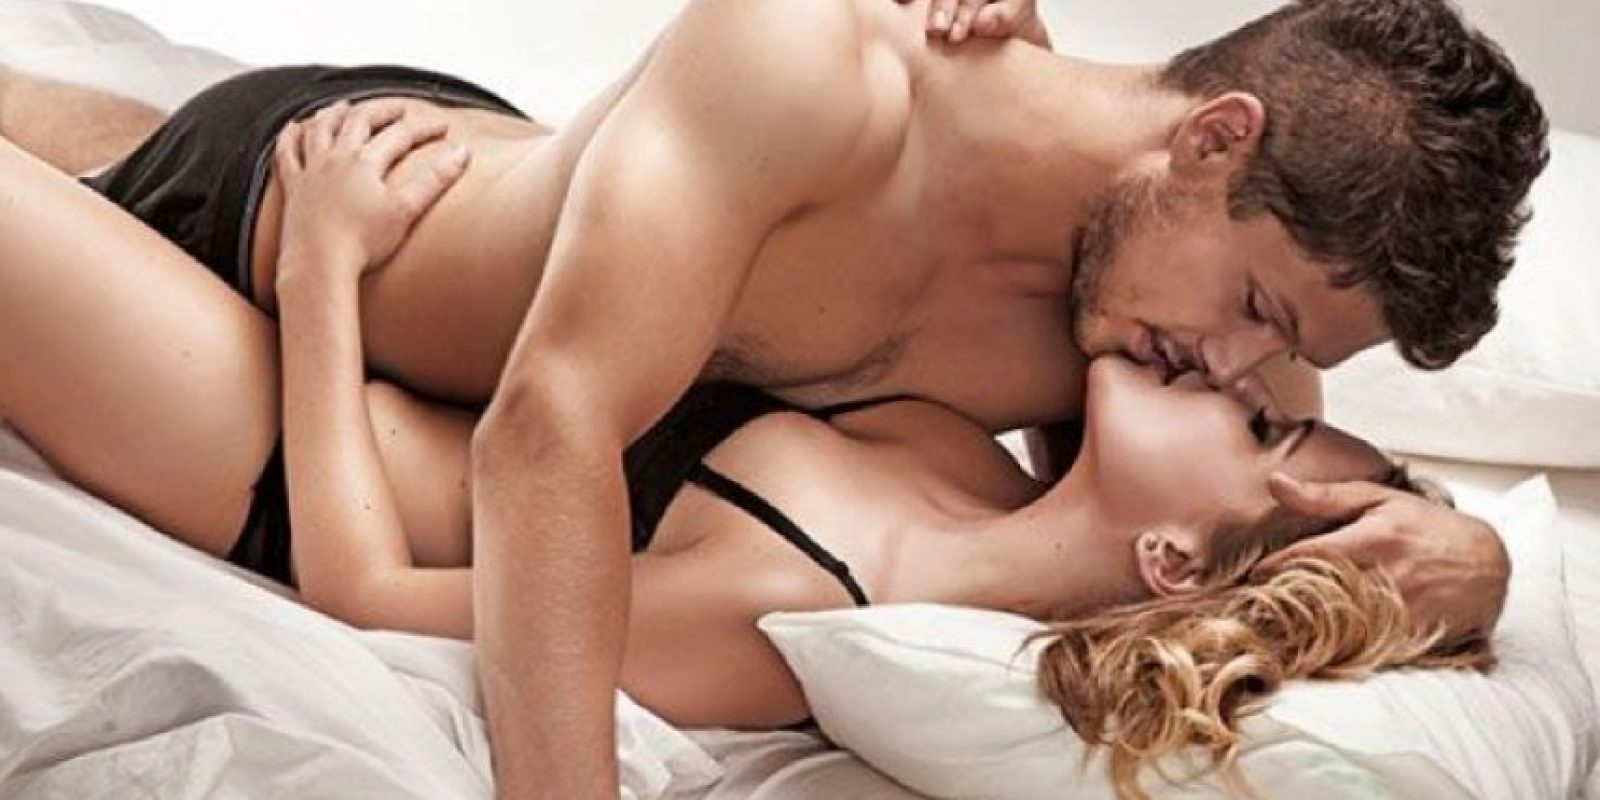 En la investigación descubrieron que las mujeres sienten venganza hacia el hombre con el que están cuando su pareja anterior les ha traicionado con otra mujer. Foto:Pinterest